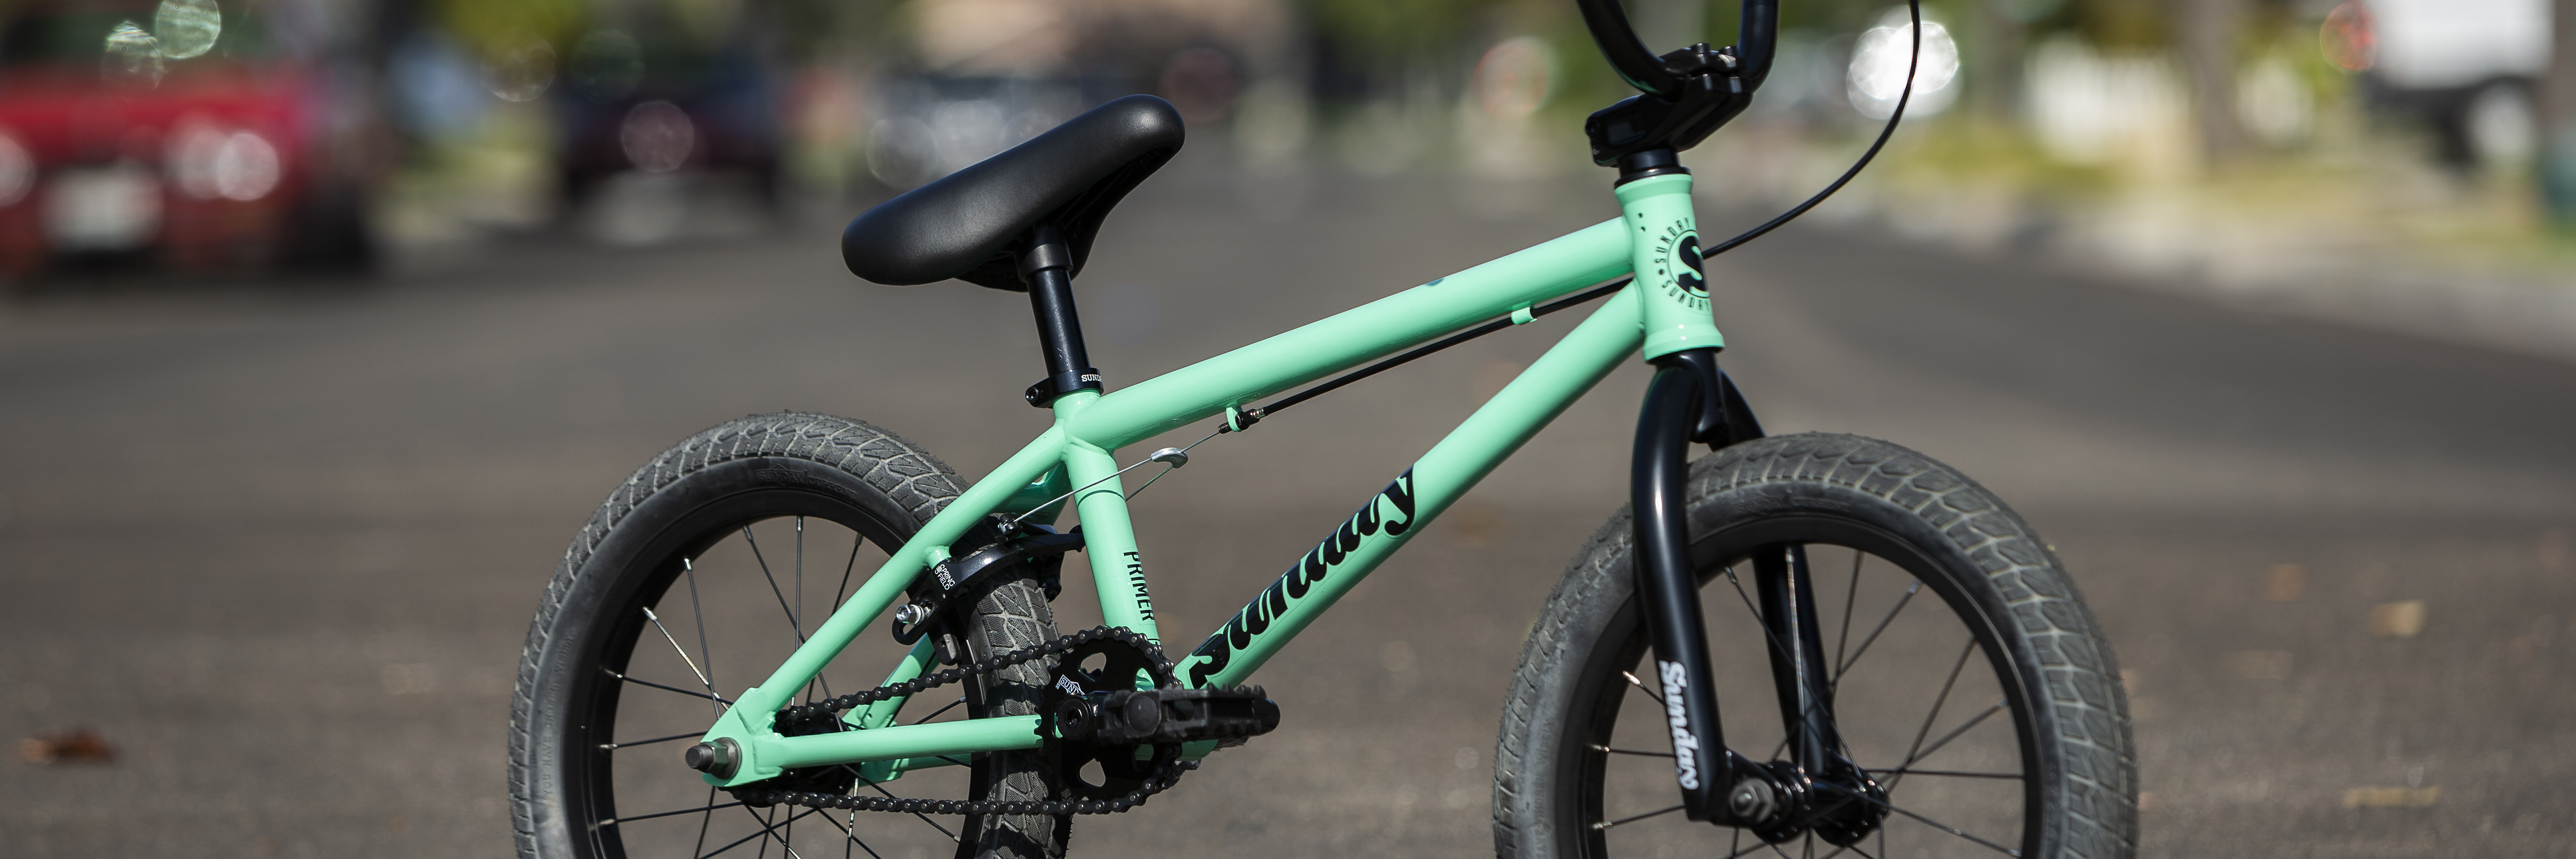 2020 Starter Bikes